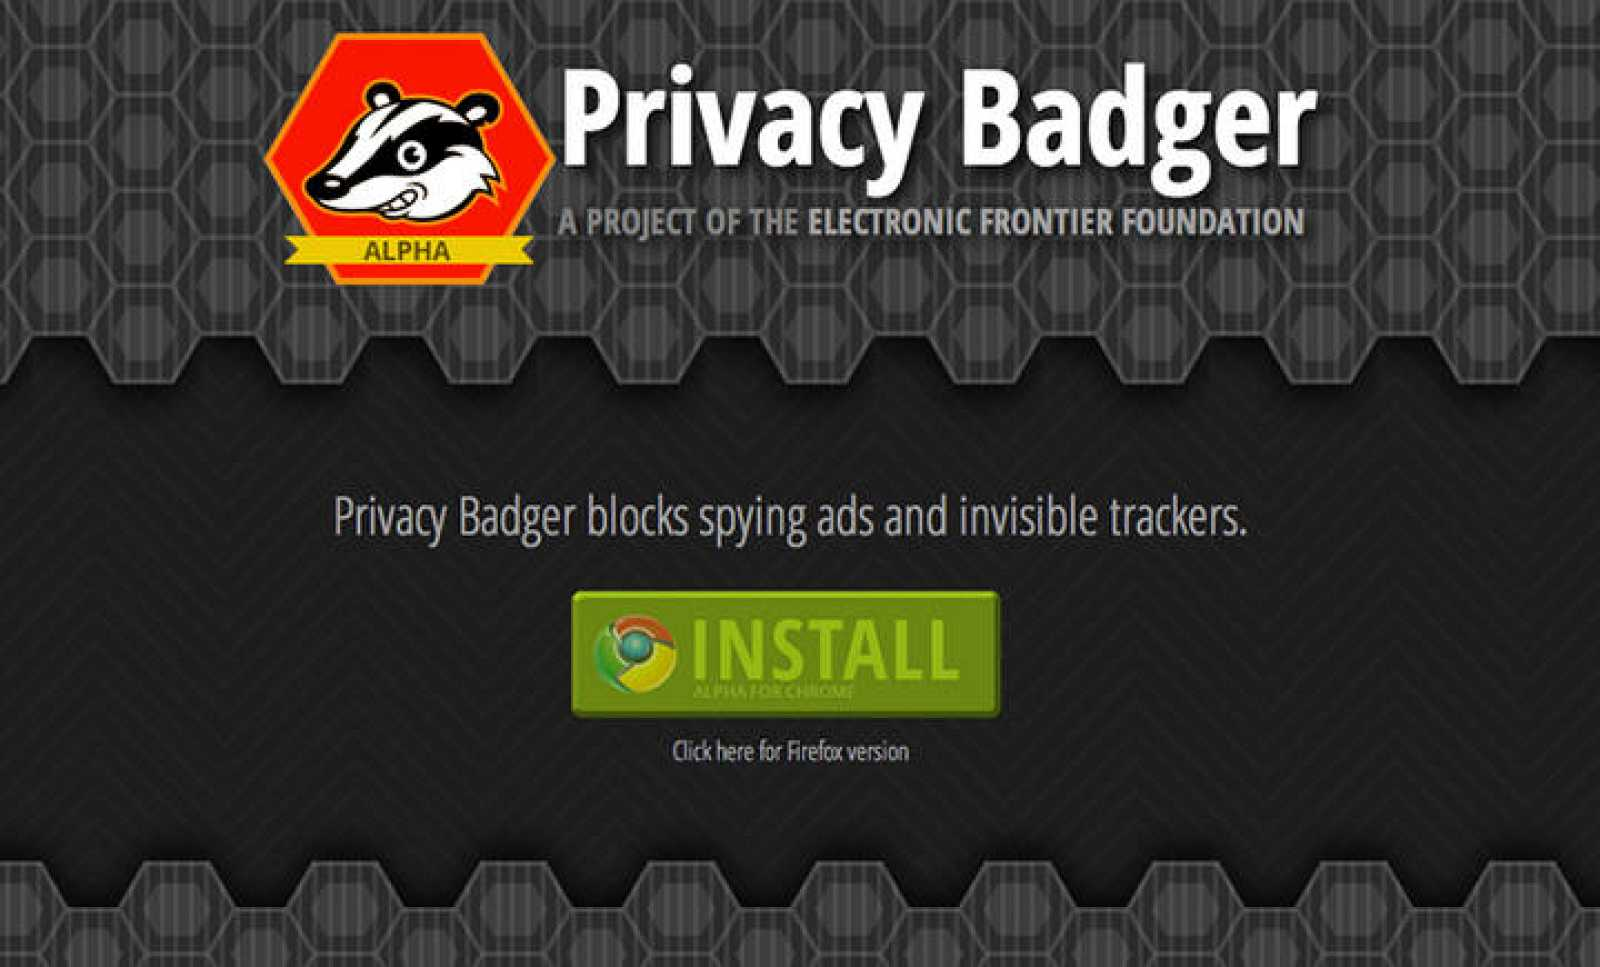 Portada de la web de descarga de Privacy Badger